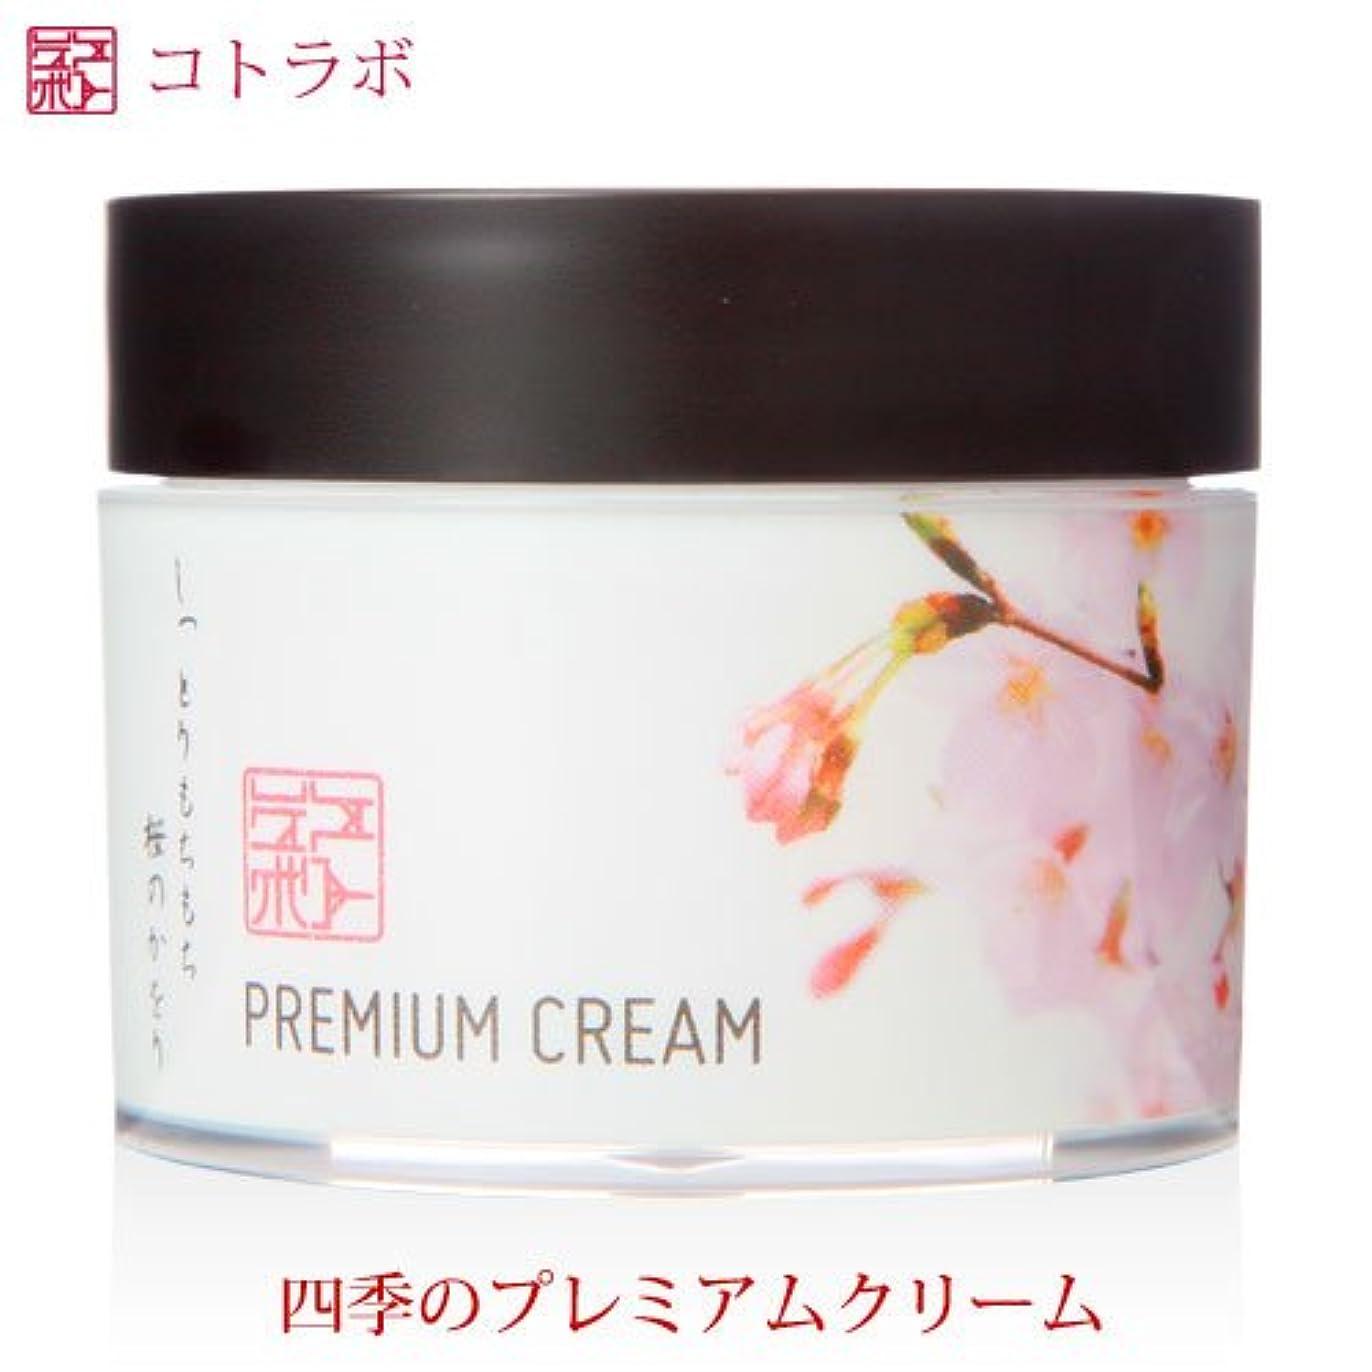 ケーブルパット語コトラボ 四季のプレミアムクリーム春桜の香り50g